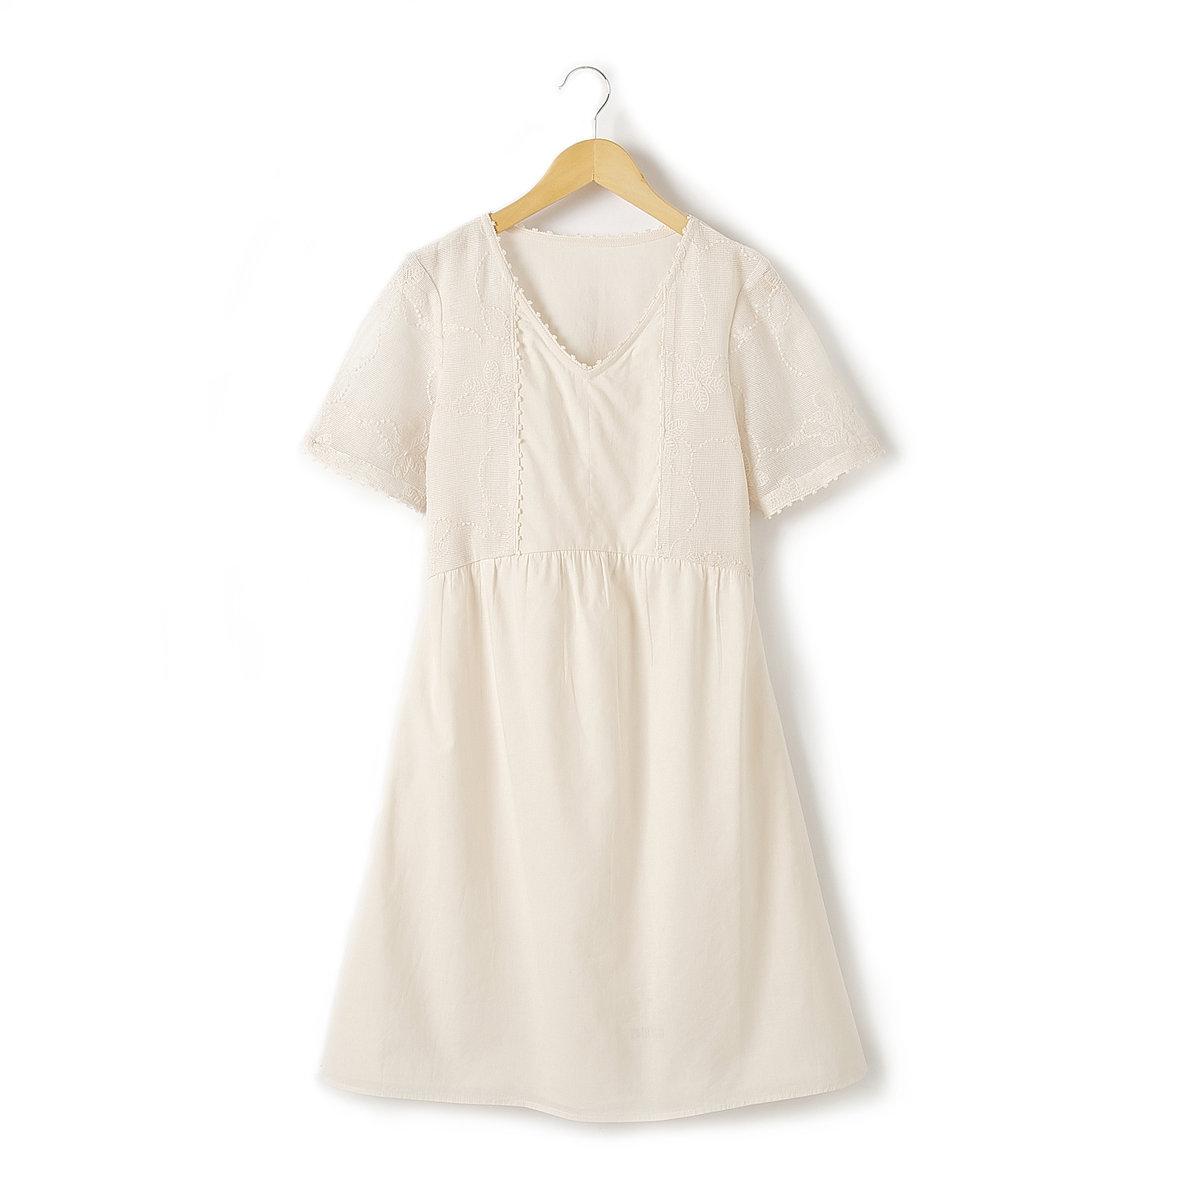 Kleid, kurze Form, Spitzenapplikationen, 10 16 Jahre